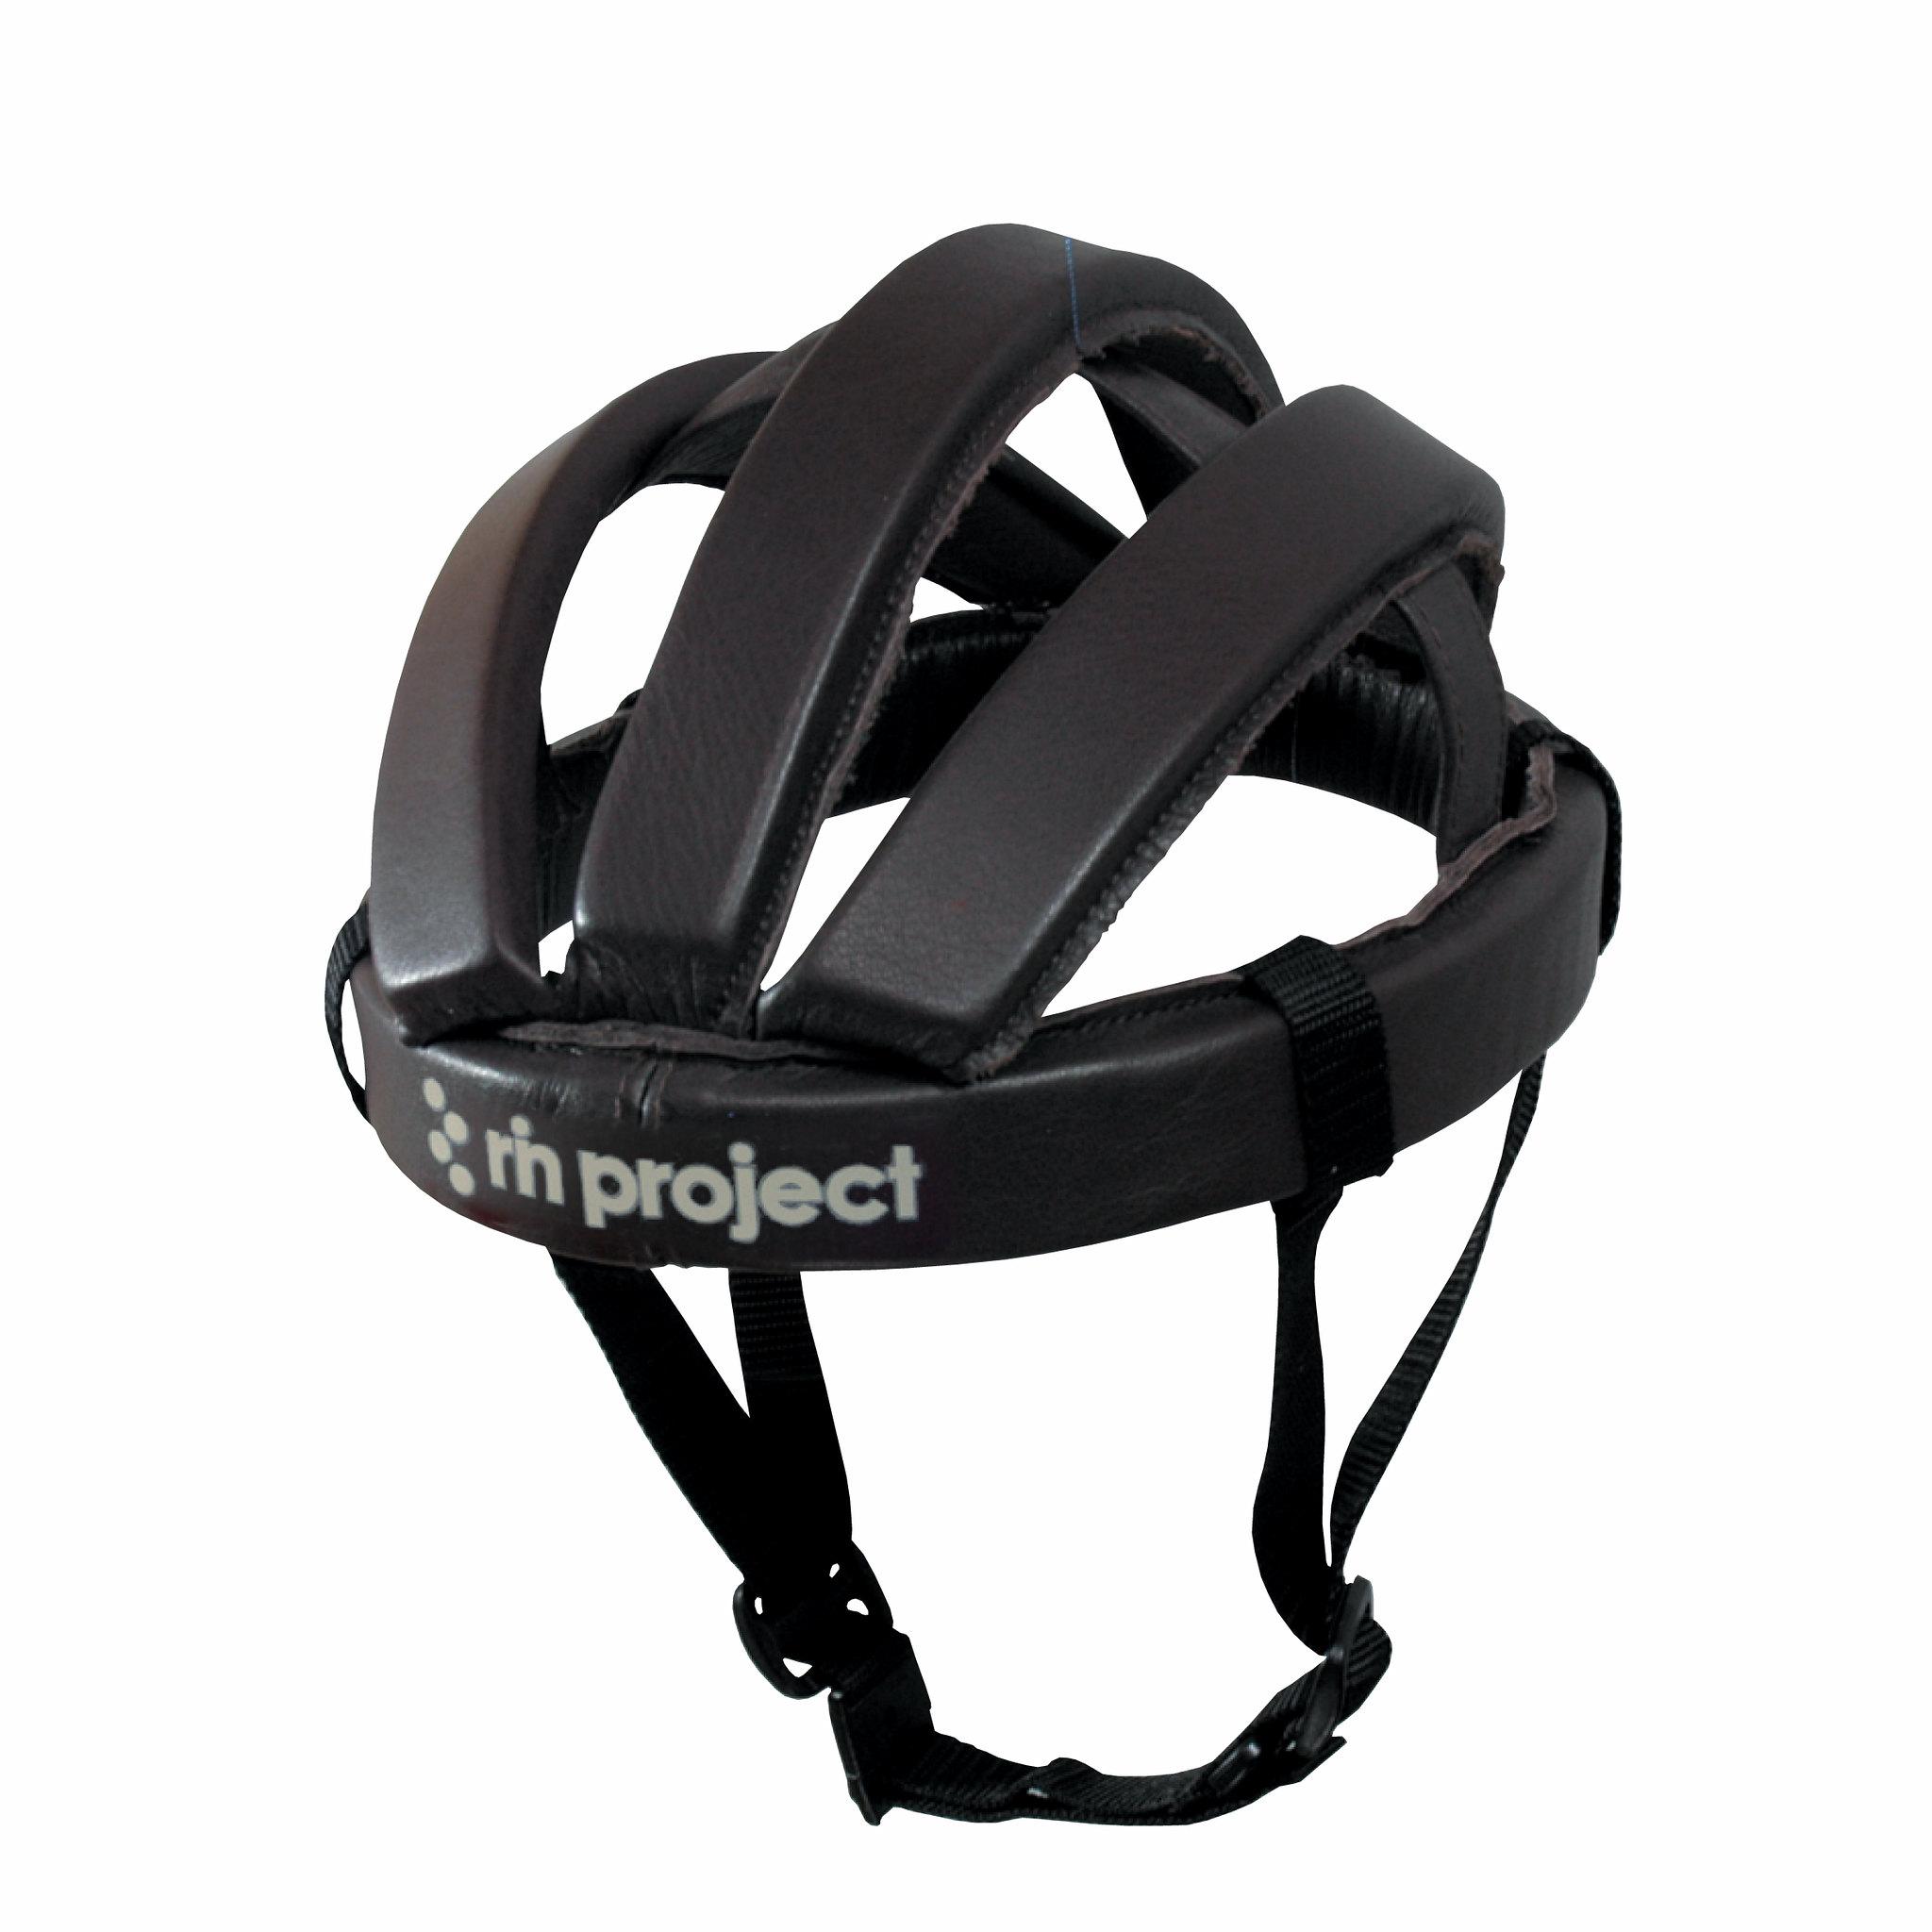 rin project(リンプロジェクト) カスクレザー ブラック M